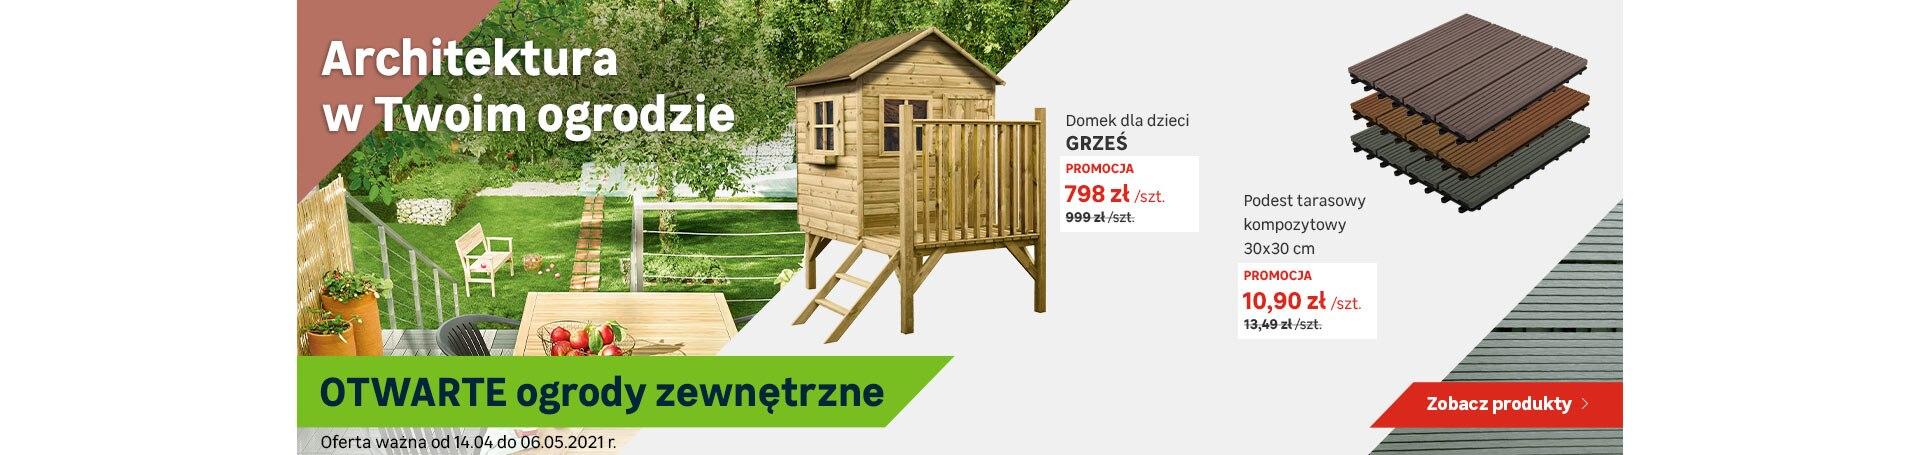 ps-architektura-ogrodowa-14.04-06.05.2021-1920x455